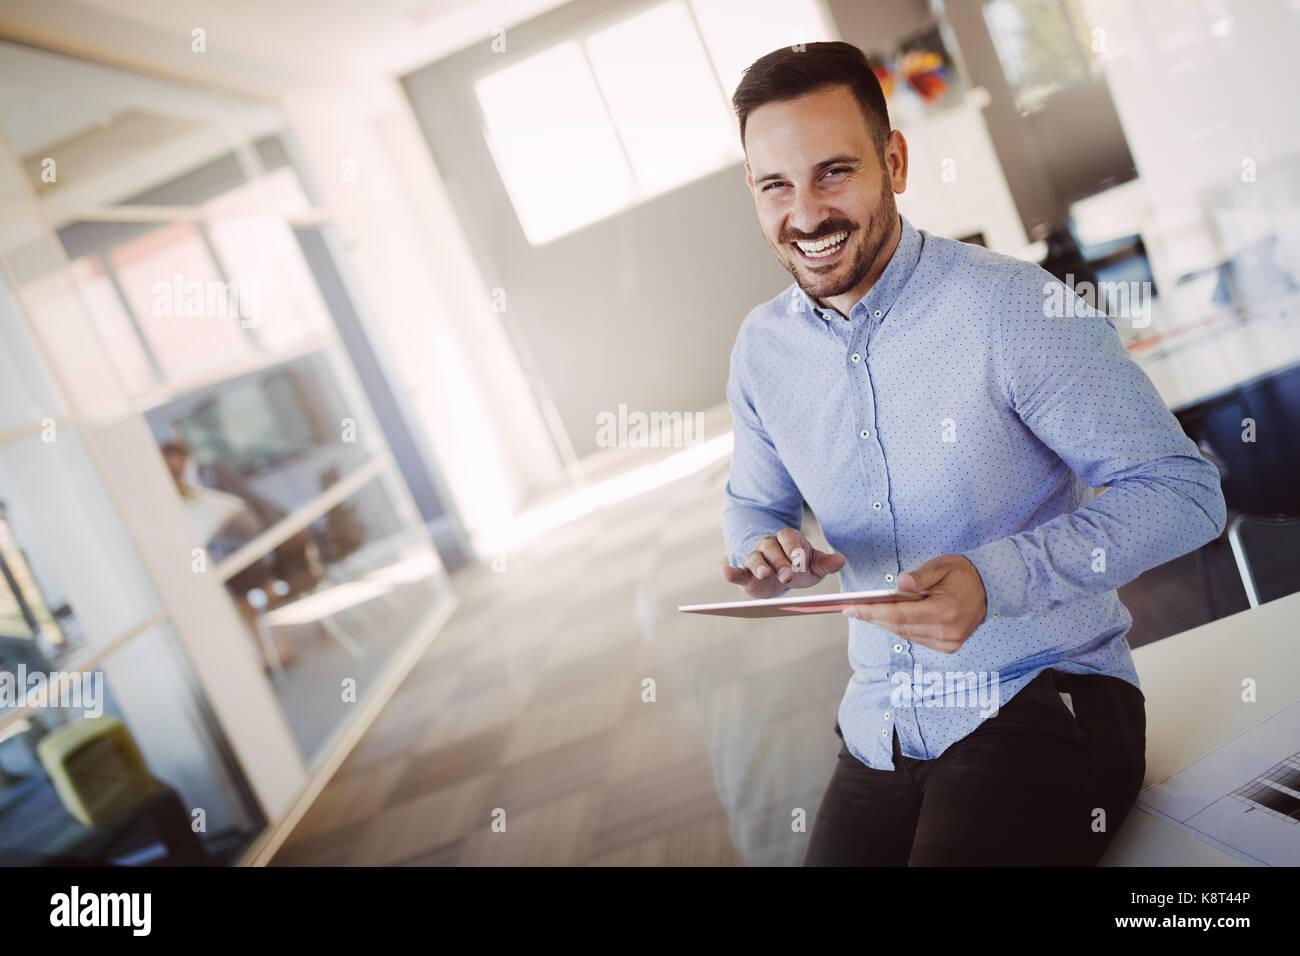 Retrato de guapo arquitecto con éxito la celebración de tablet Imagen De Stock